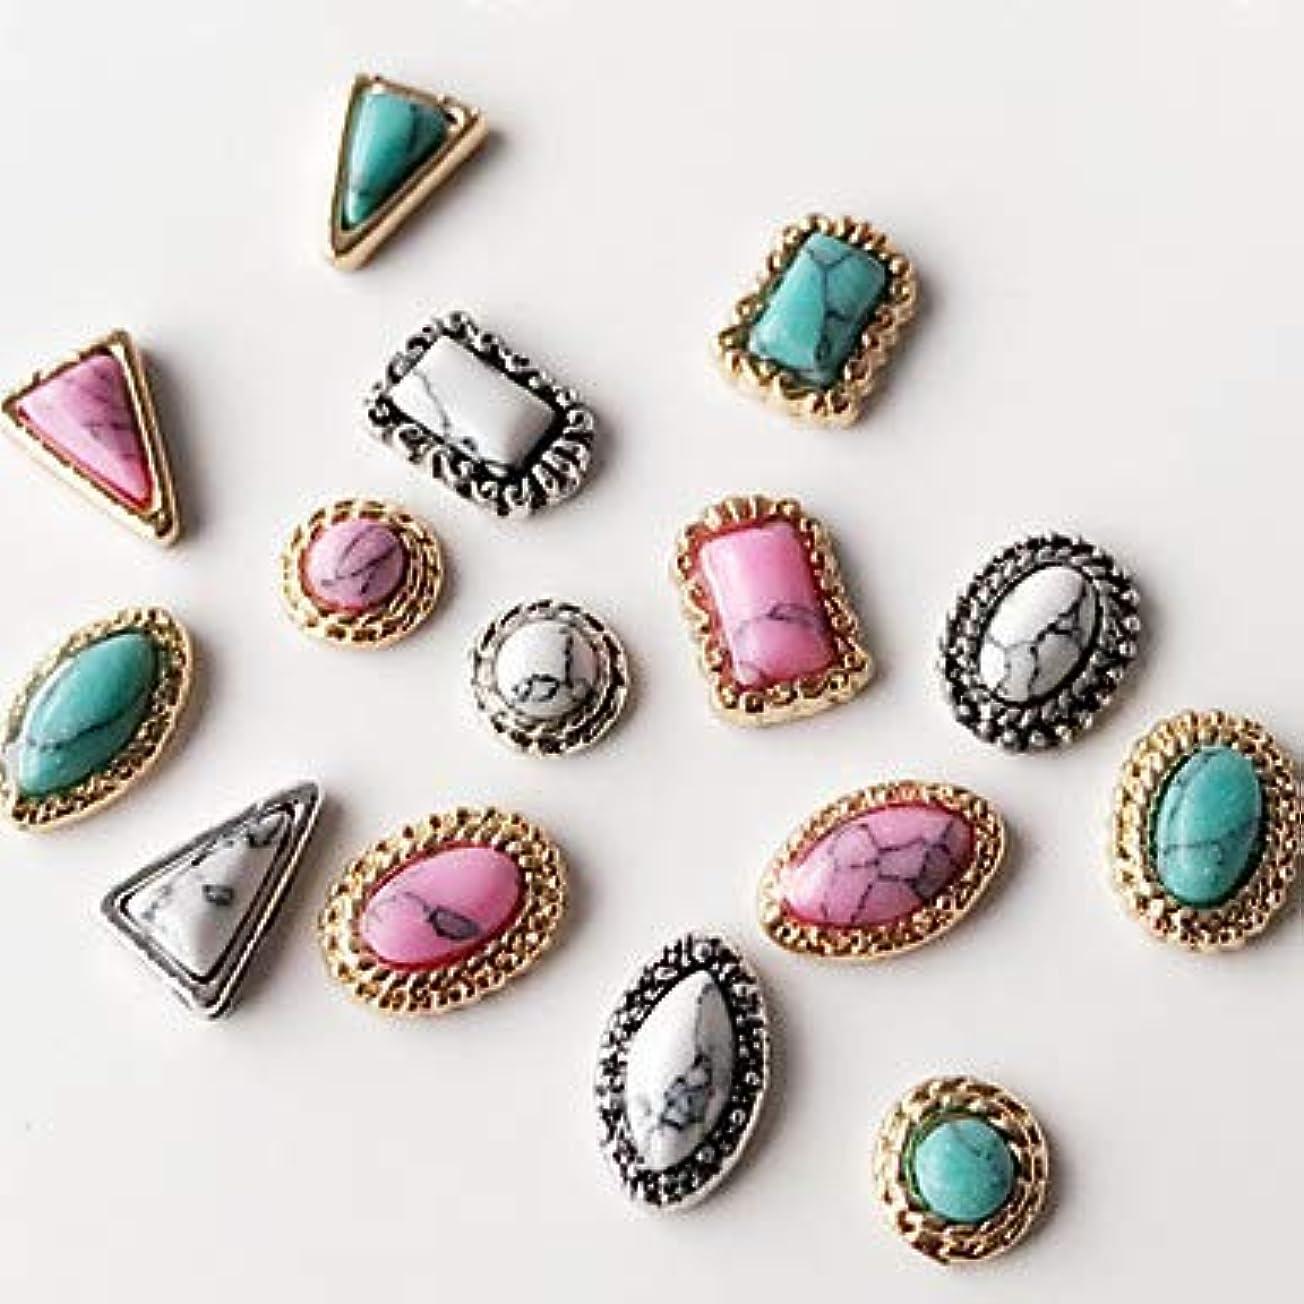 誰の作詞家万一に備えて10個混合スタイル混合色古代の宝石ネイルアートの装飾に戻ります